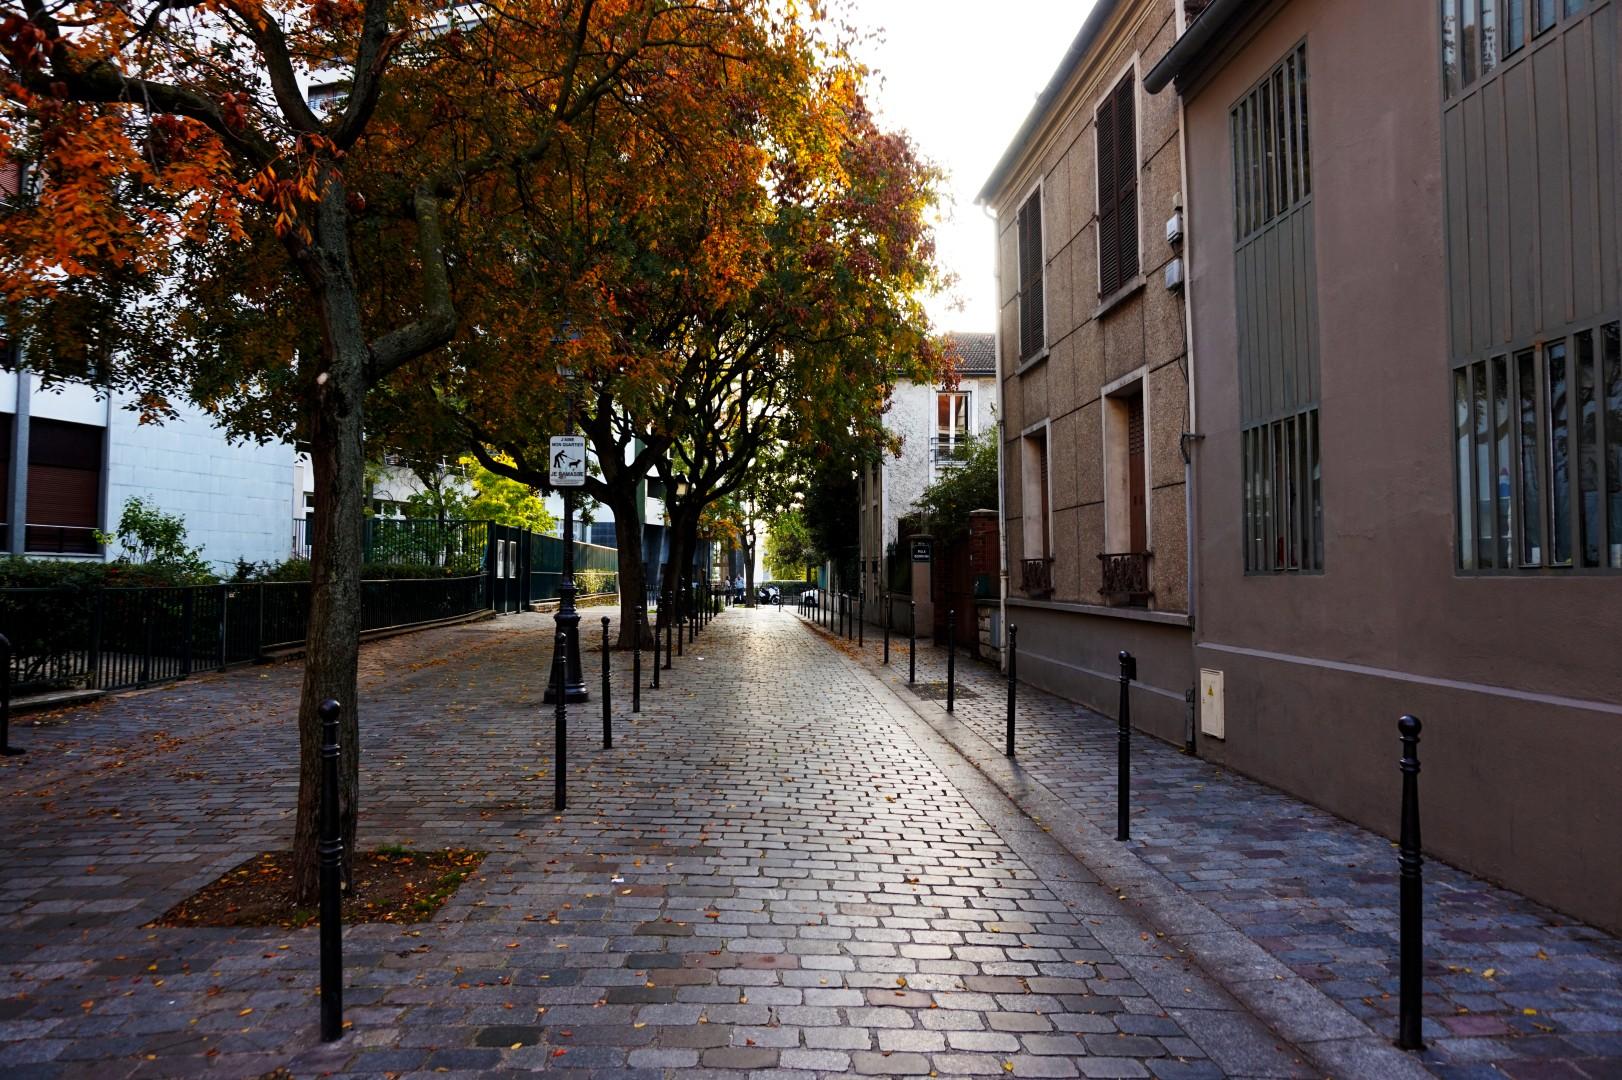 Balade dans le 19e et 20e - Autour de la rue du Borrégo